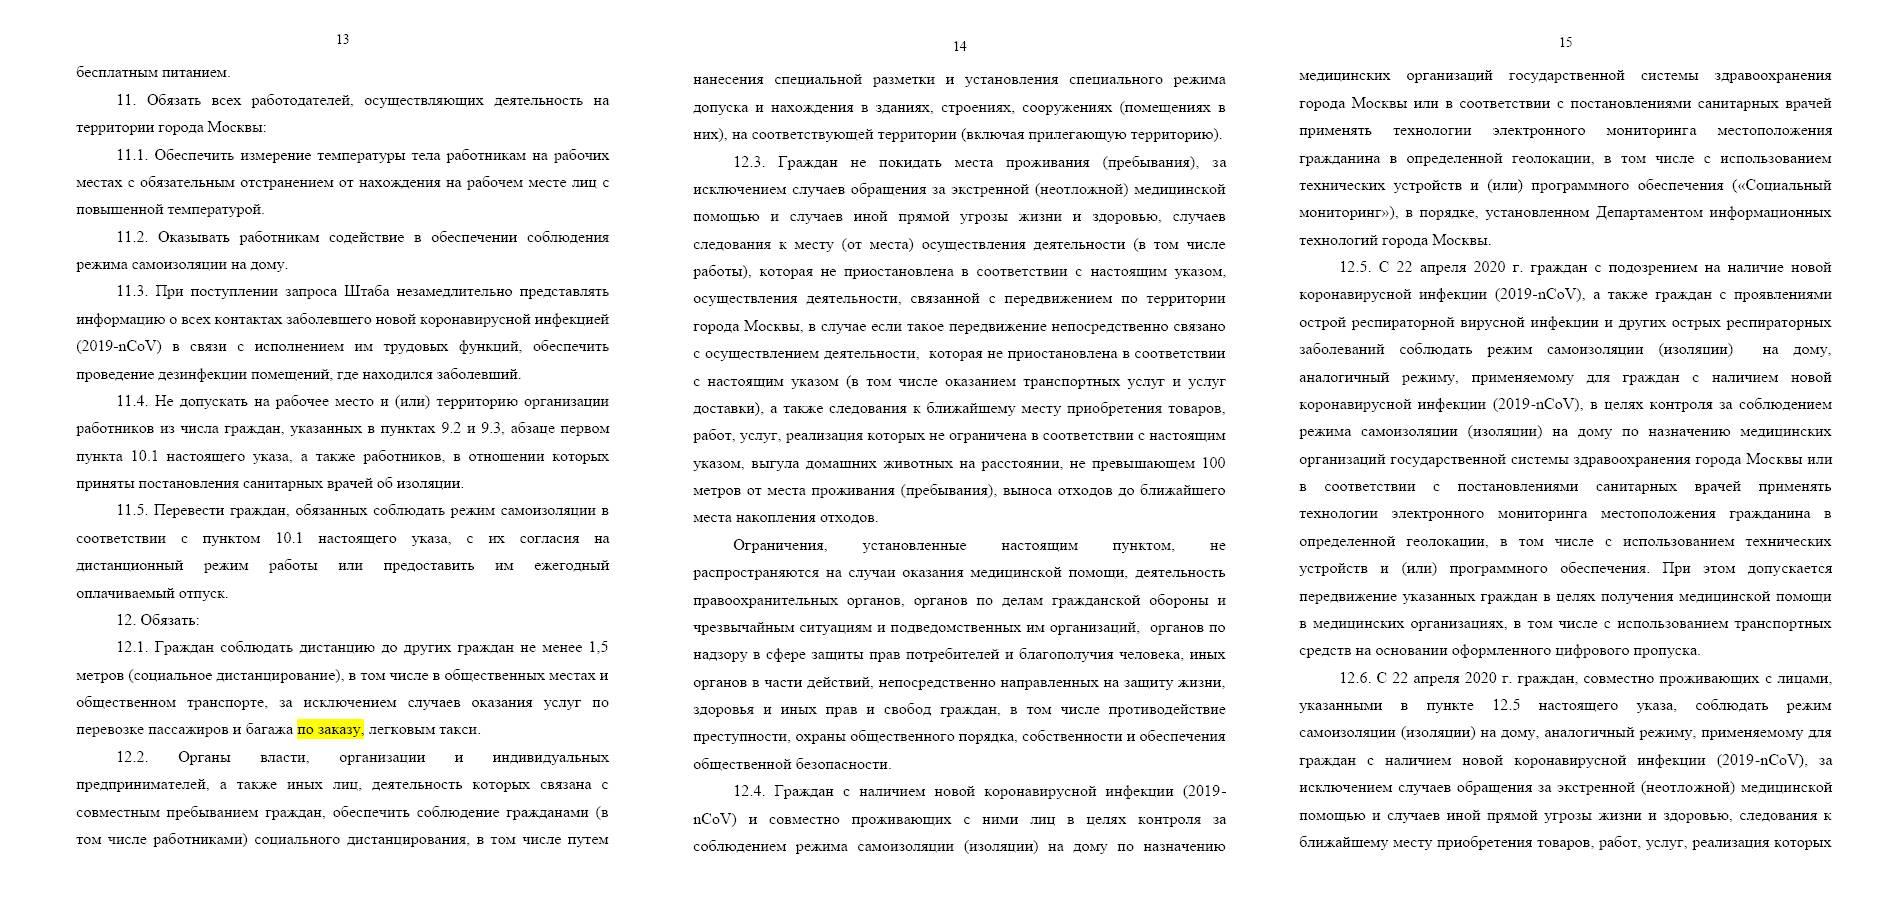 Указ Мэра Москвы от 7 мая 2020 г. No 55-УМ